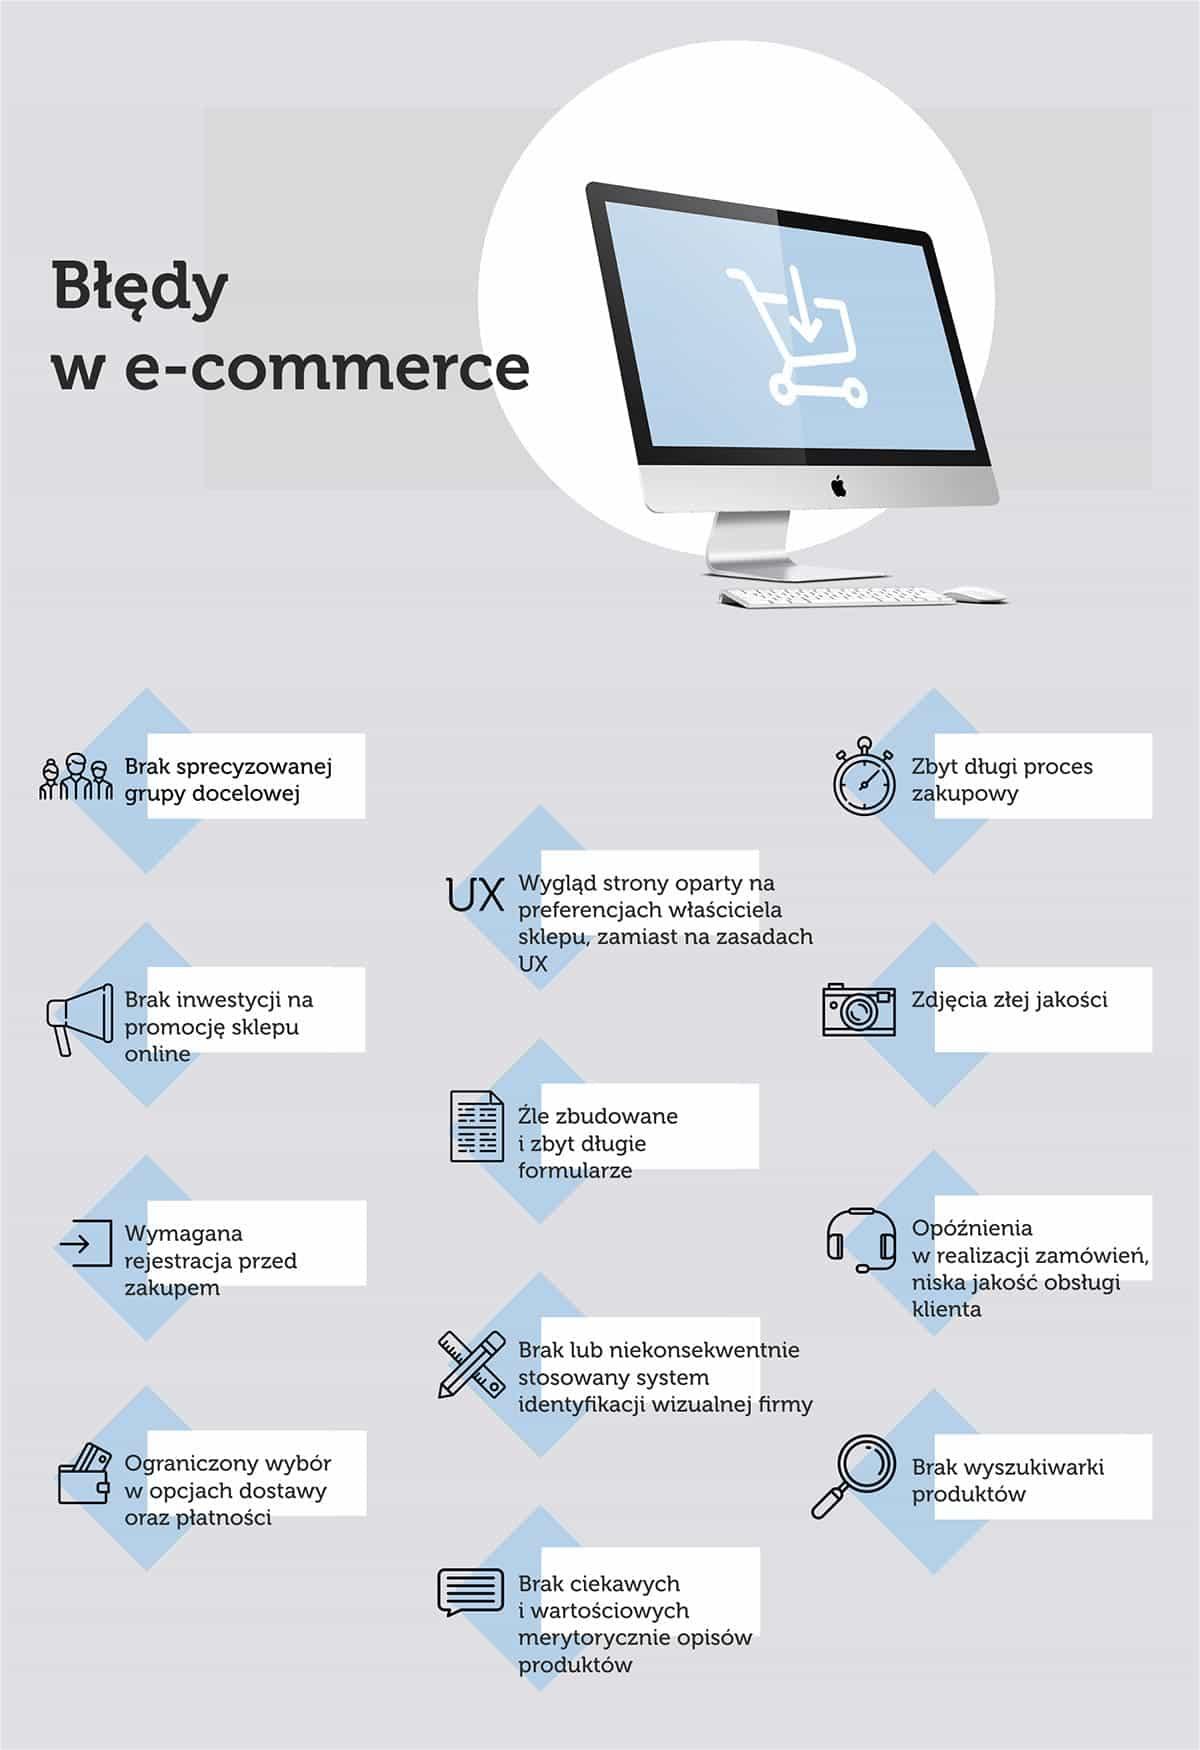 Błędy w e-commerce